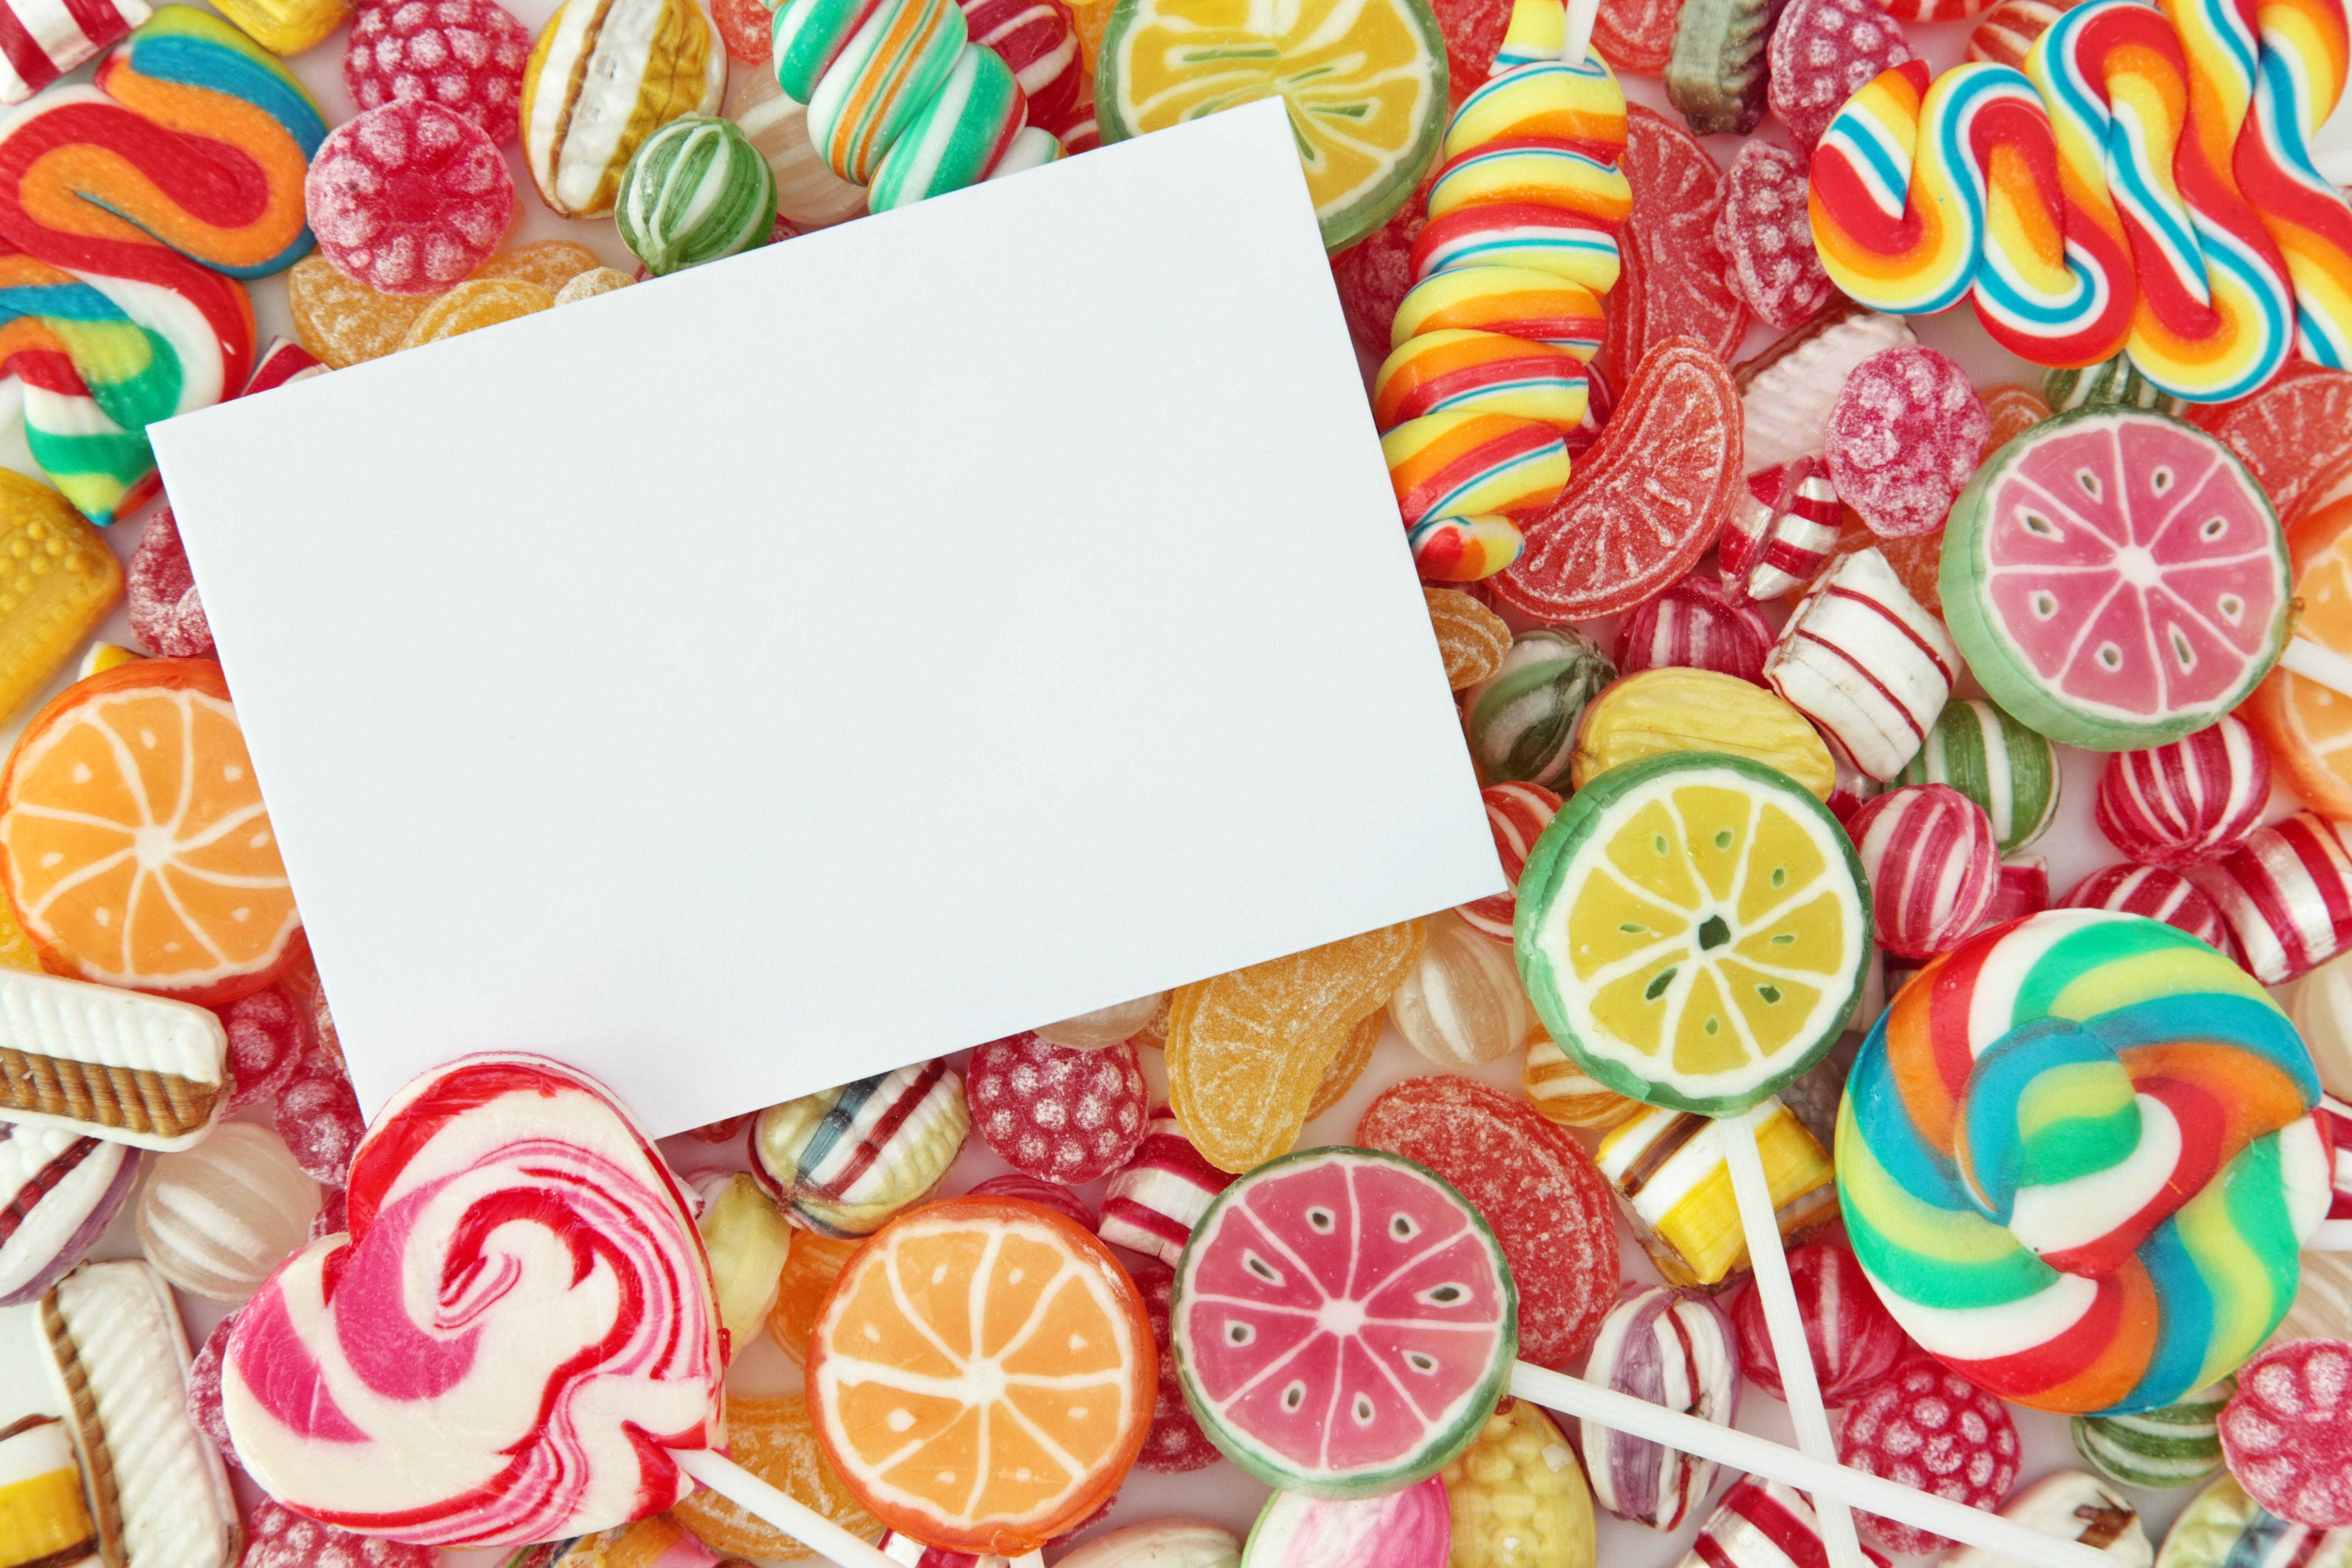 них вполне картинки сладостей для презентации ассортимент товаров